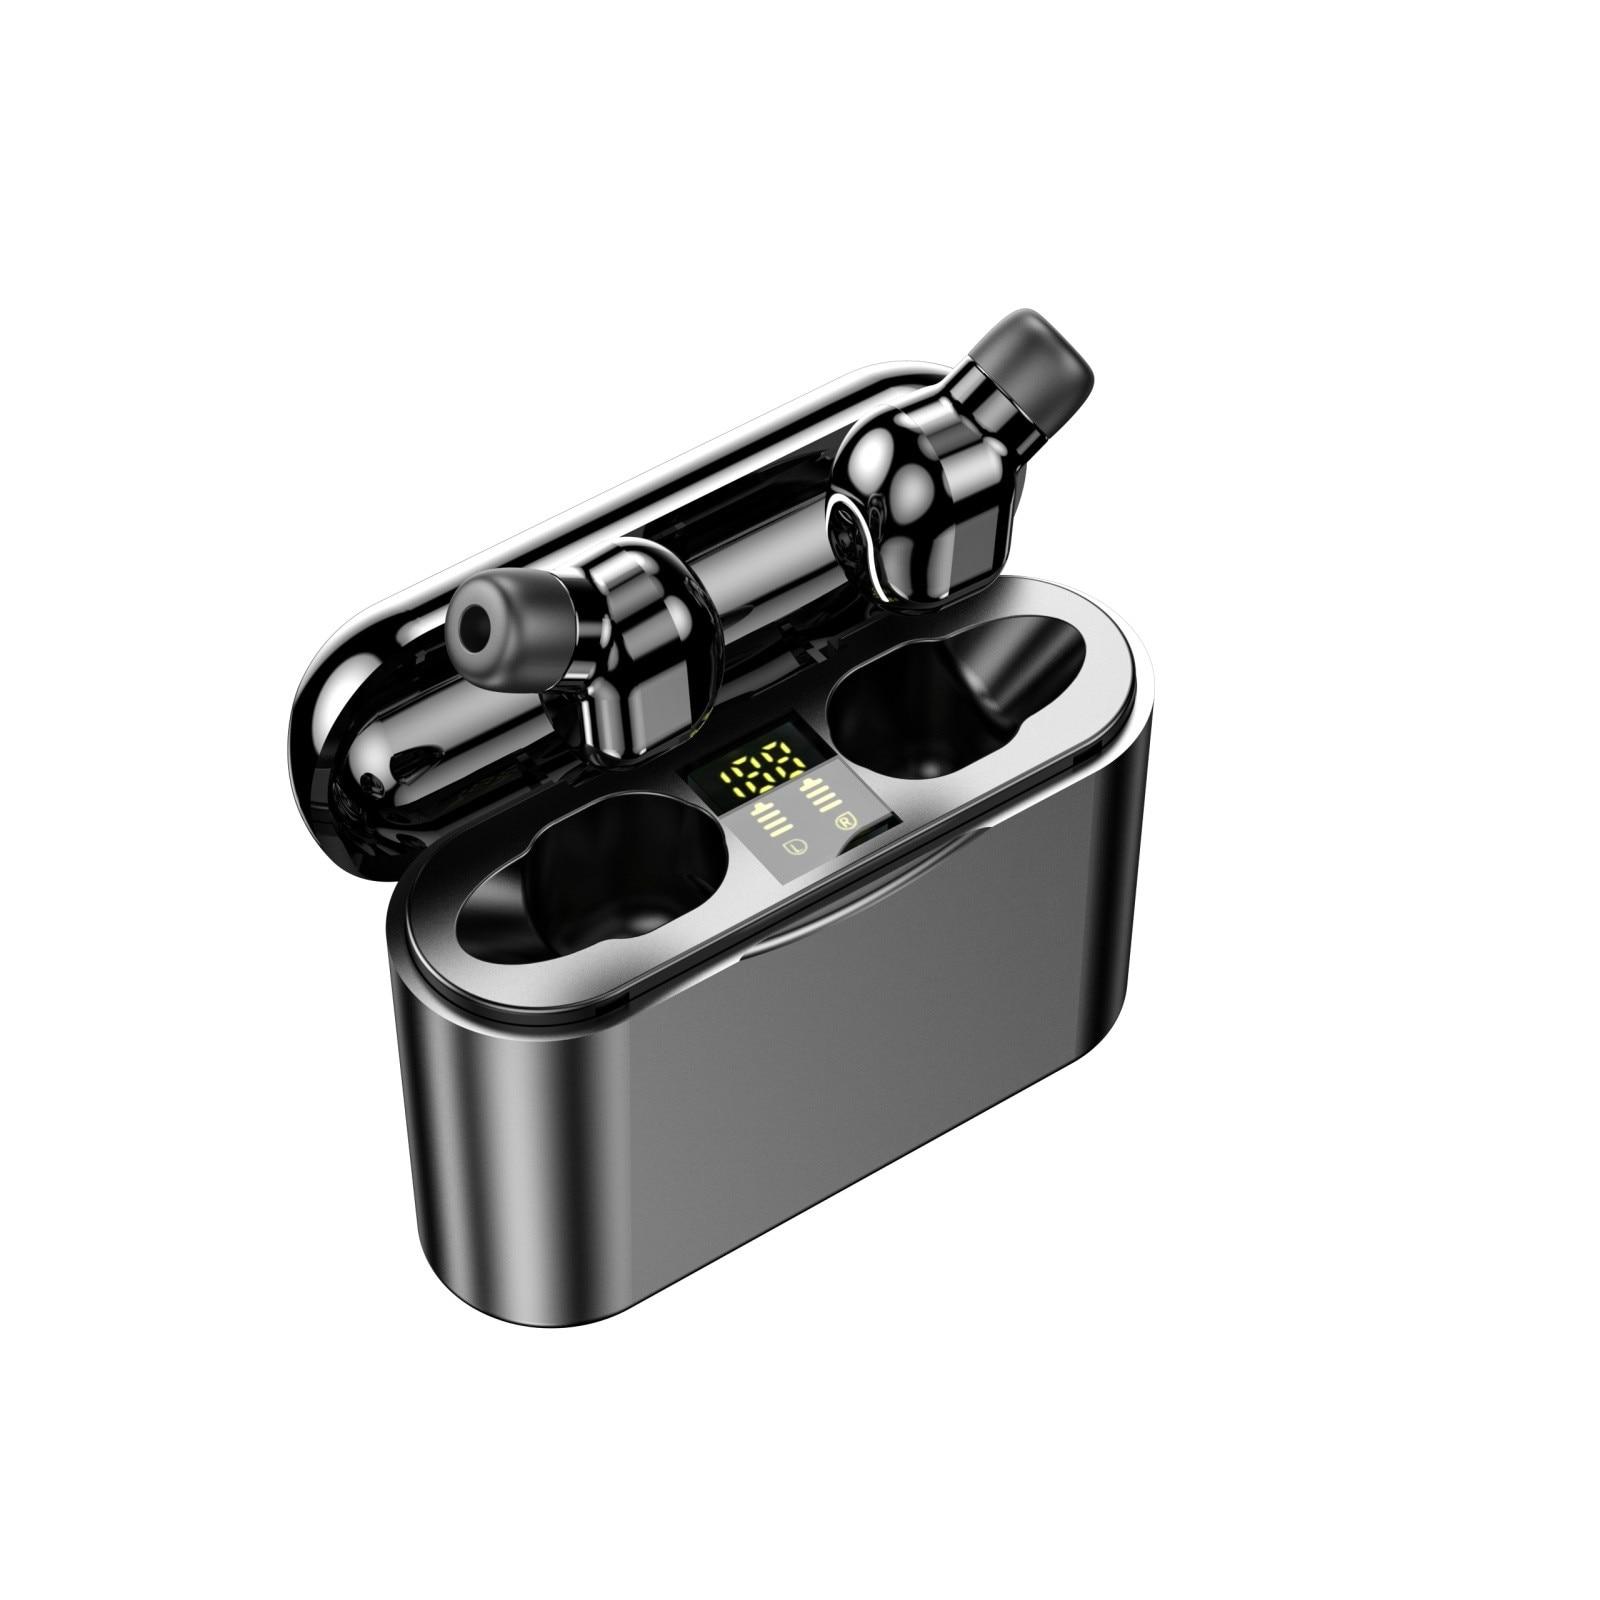 Bluetooth 5.0 fone de ouvido sem fio mini fones estéreo auricular inalambrico ecouteur sans fil